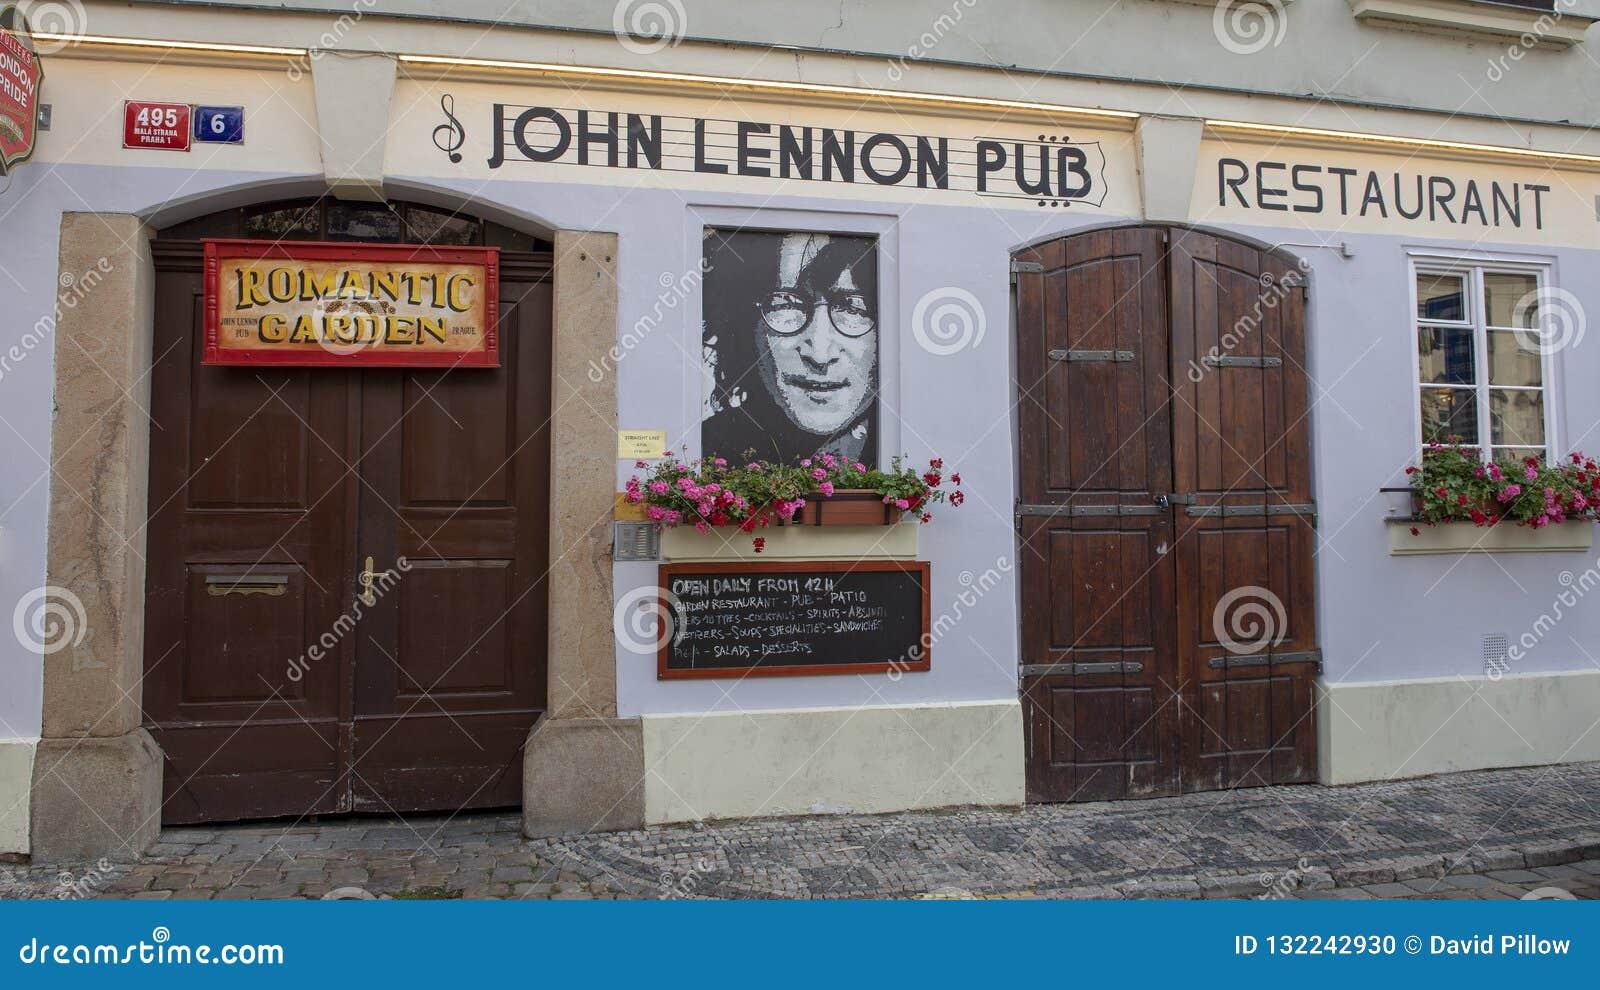 John Lennon Pub, Mala Strana in Praag, Tsjechische Republiek